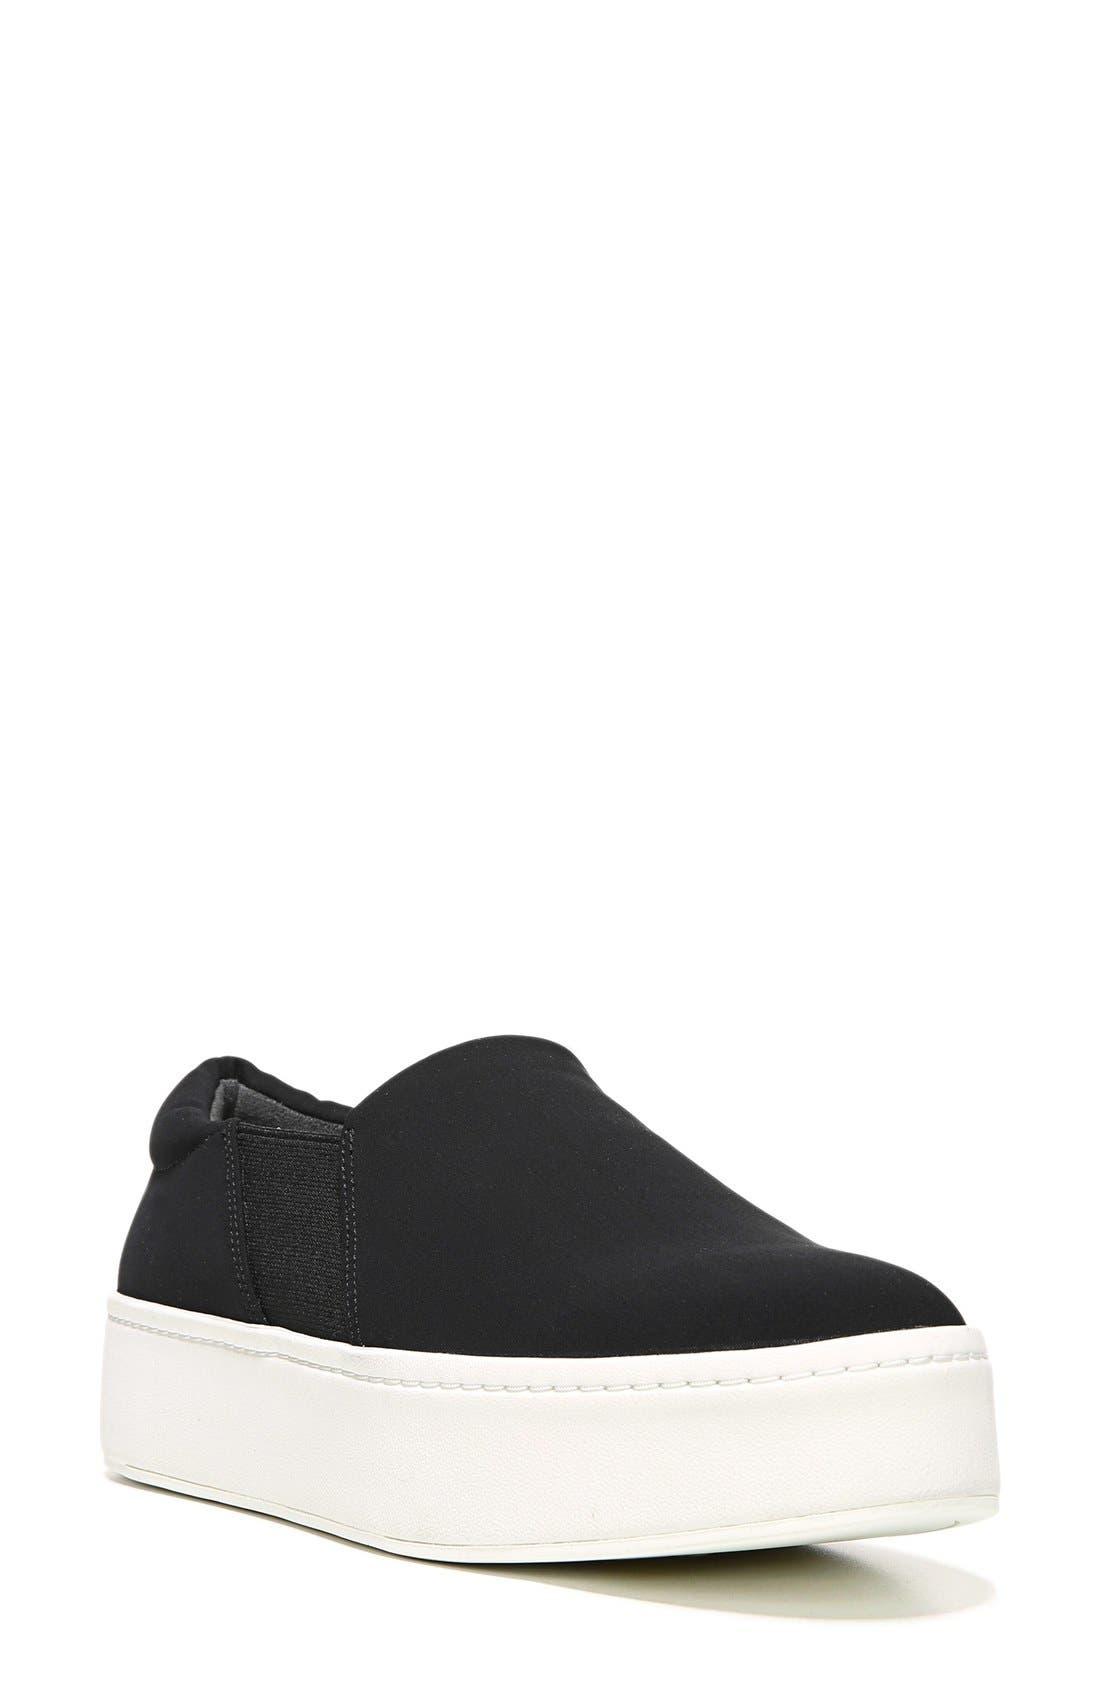 Warren Slip-On Sneaker,                             Main thumbnail 1, color,                             Black